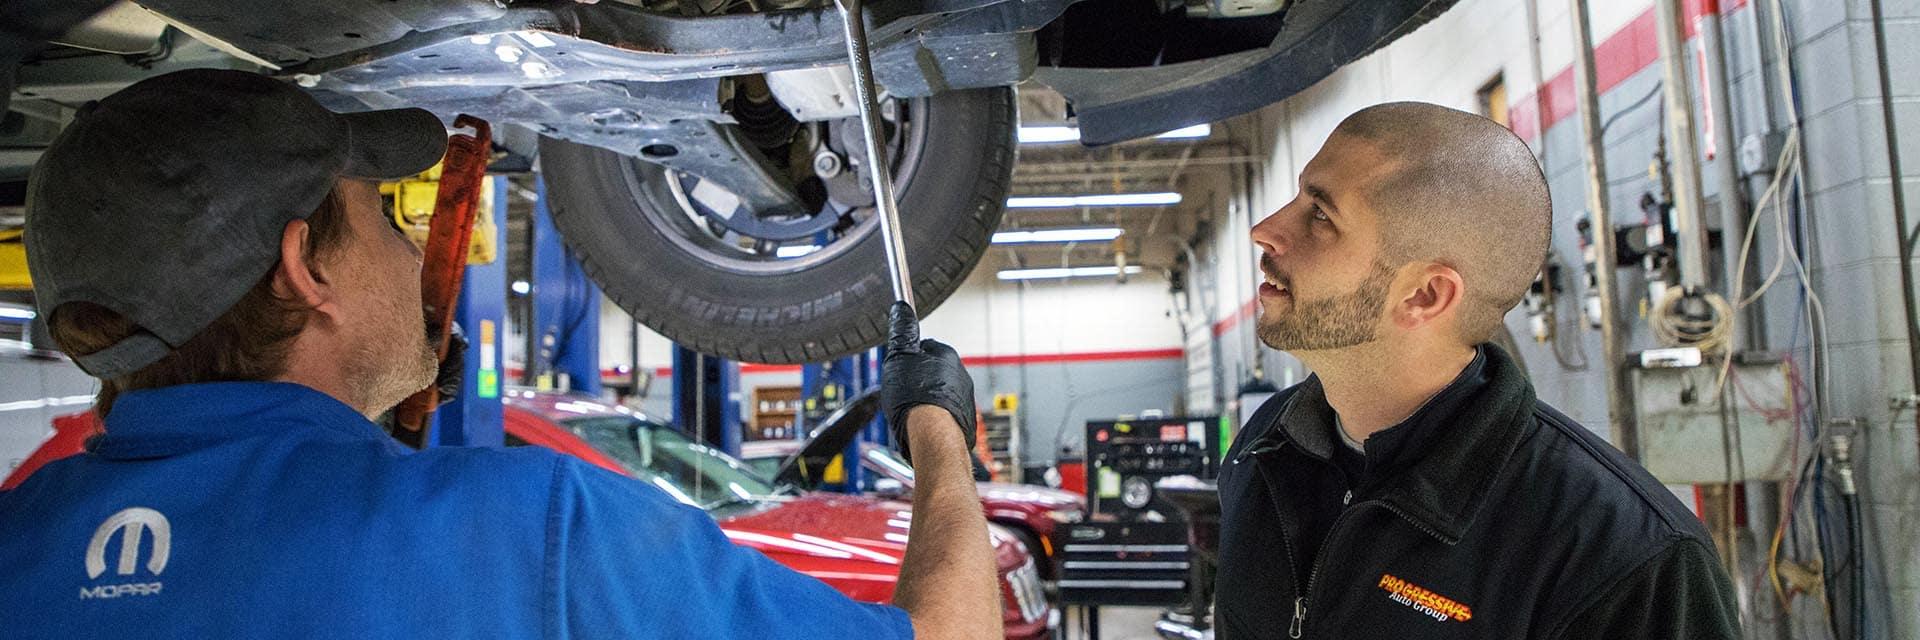 Parts technicians under vehicle